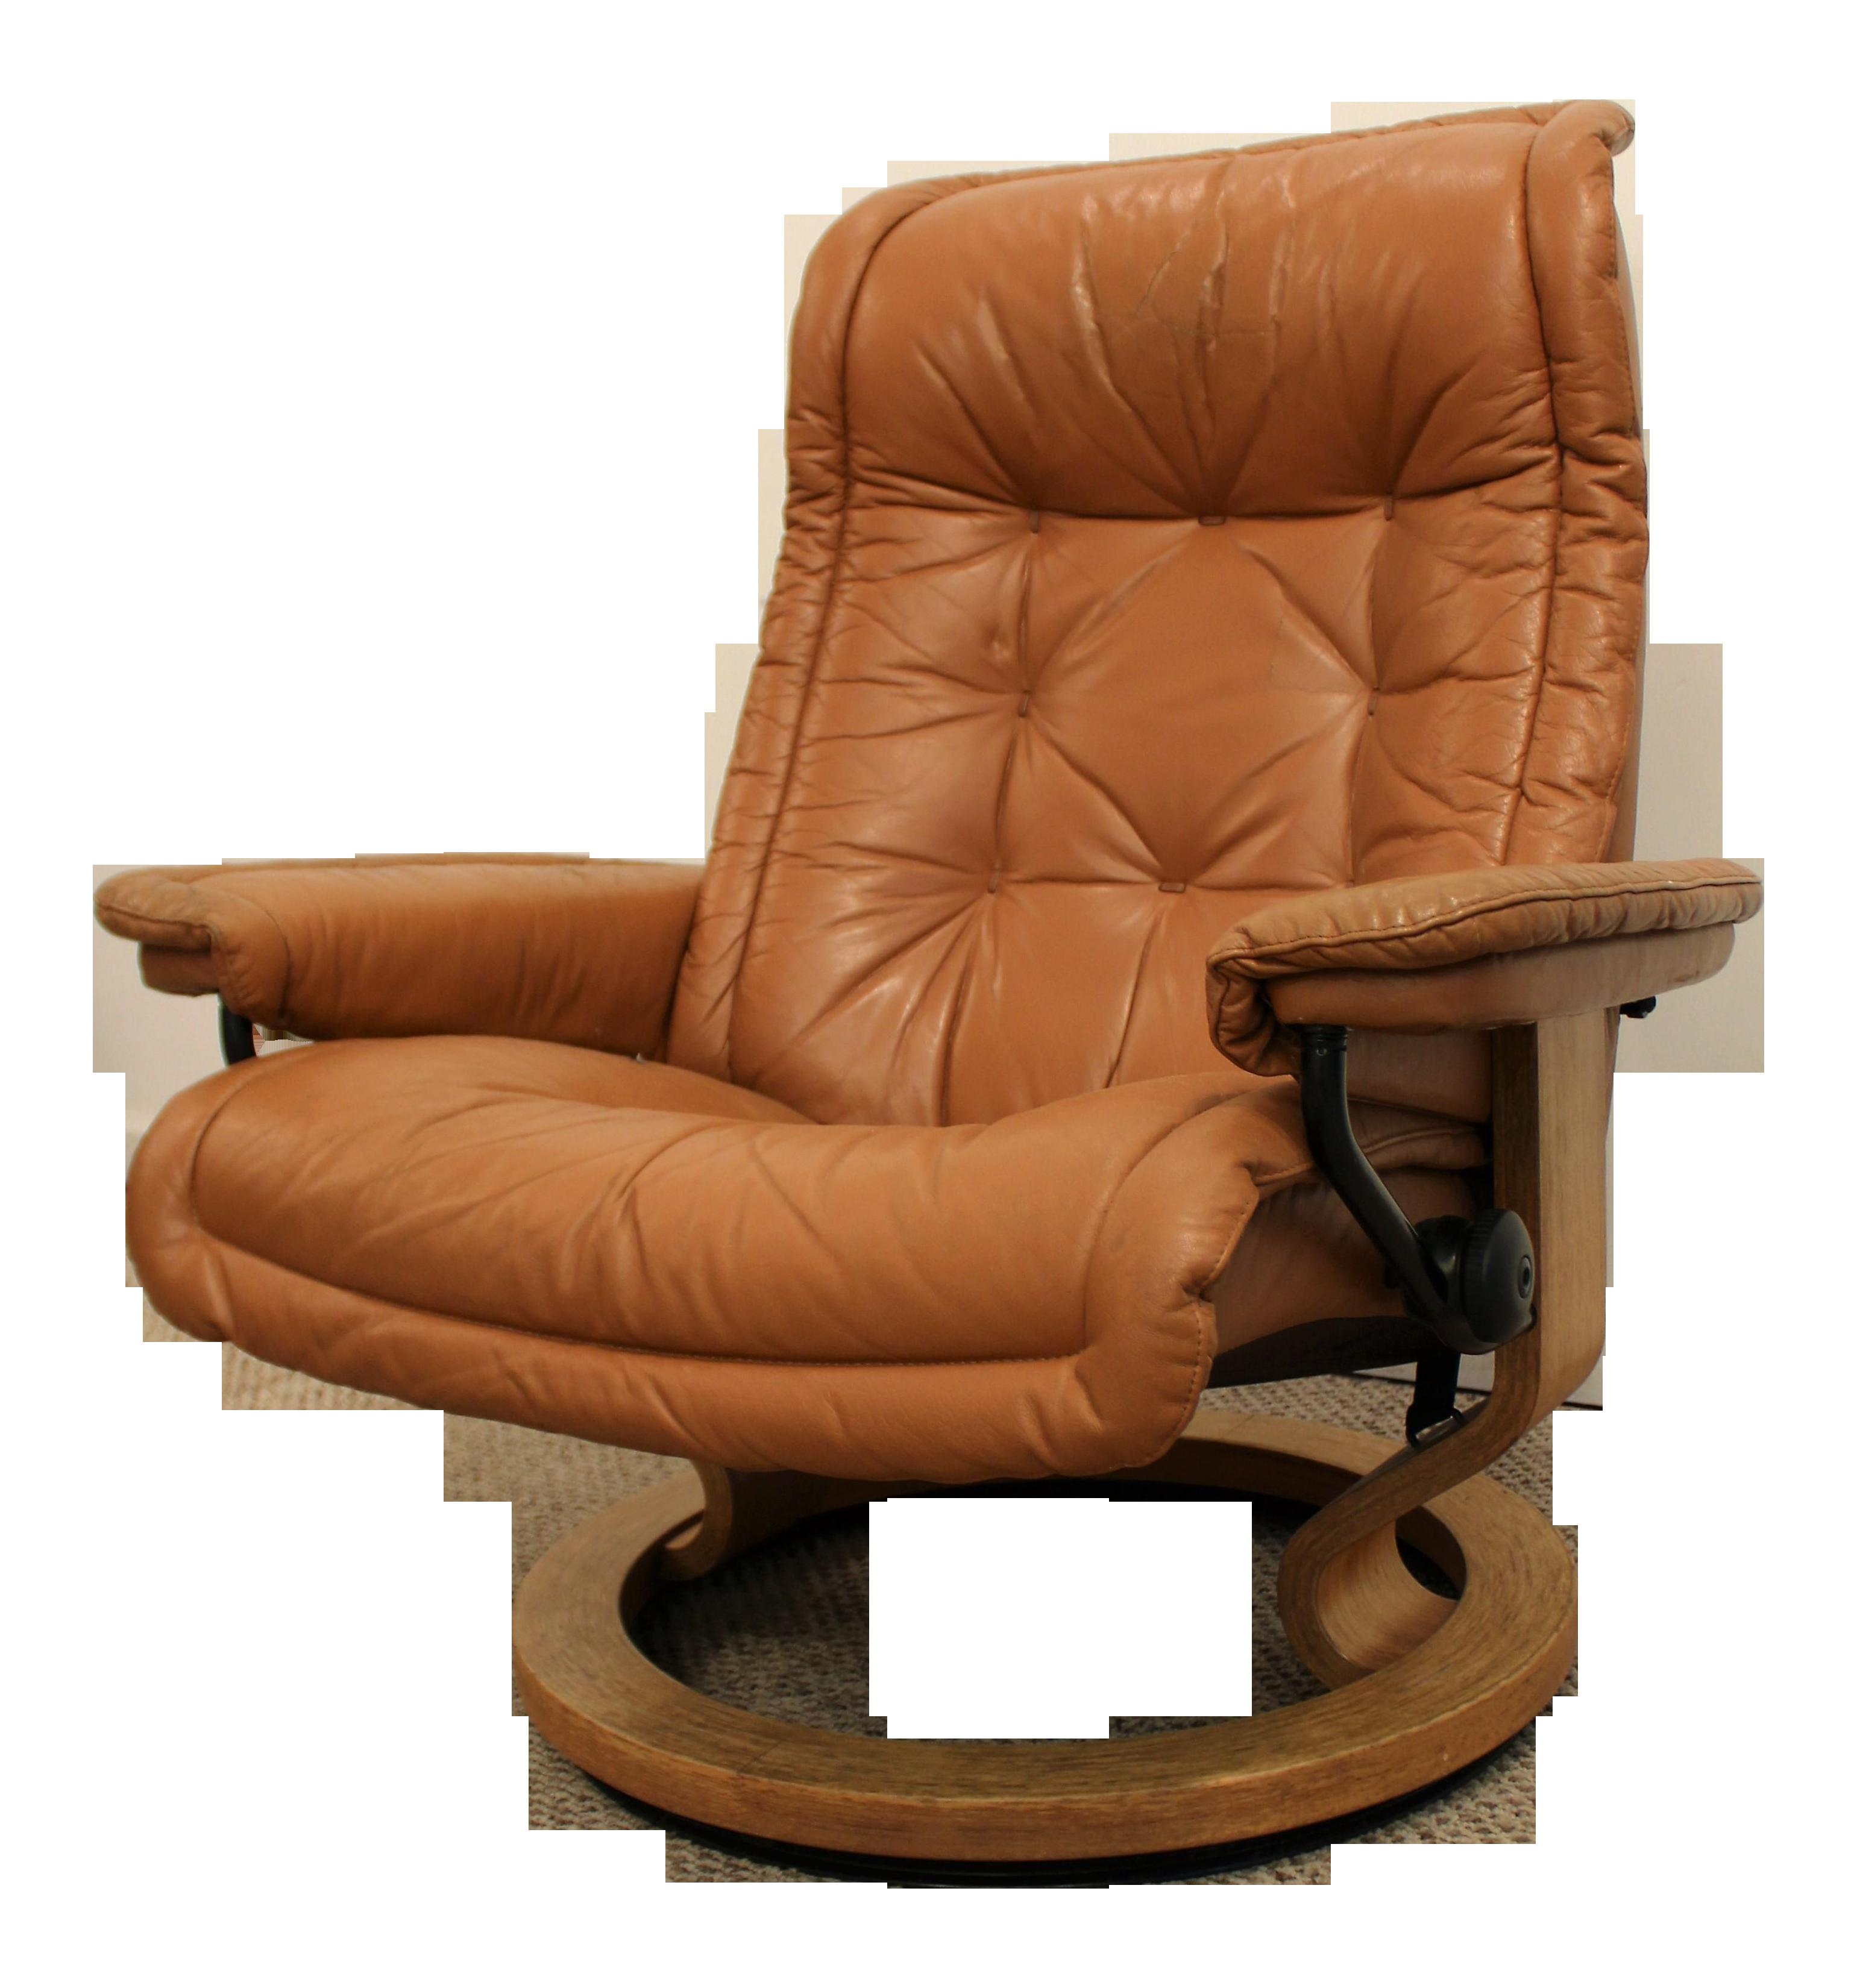 danish modern stressless recliner - Stressless Chair